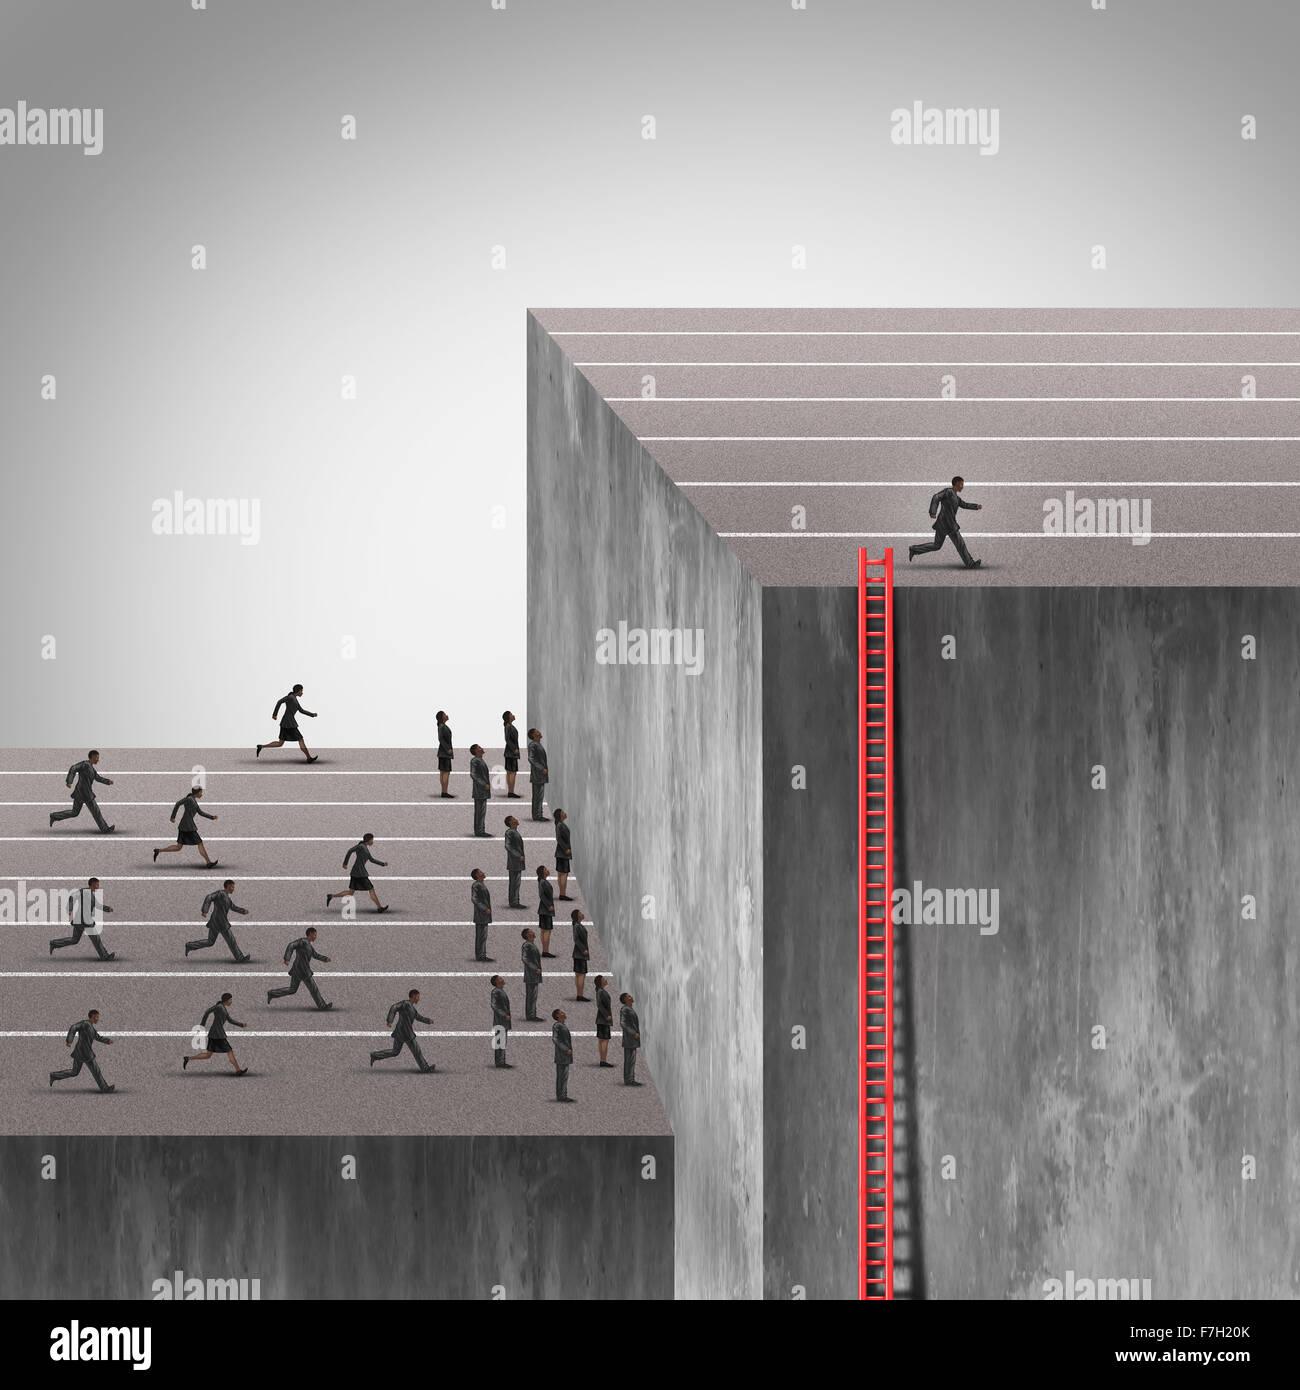 Estrategia ganadora como un plan más astuto empresario inteligente utilizando una escalera oculta a elevarse Imagen De Stock